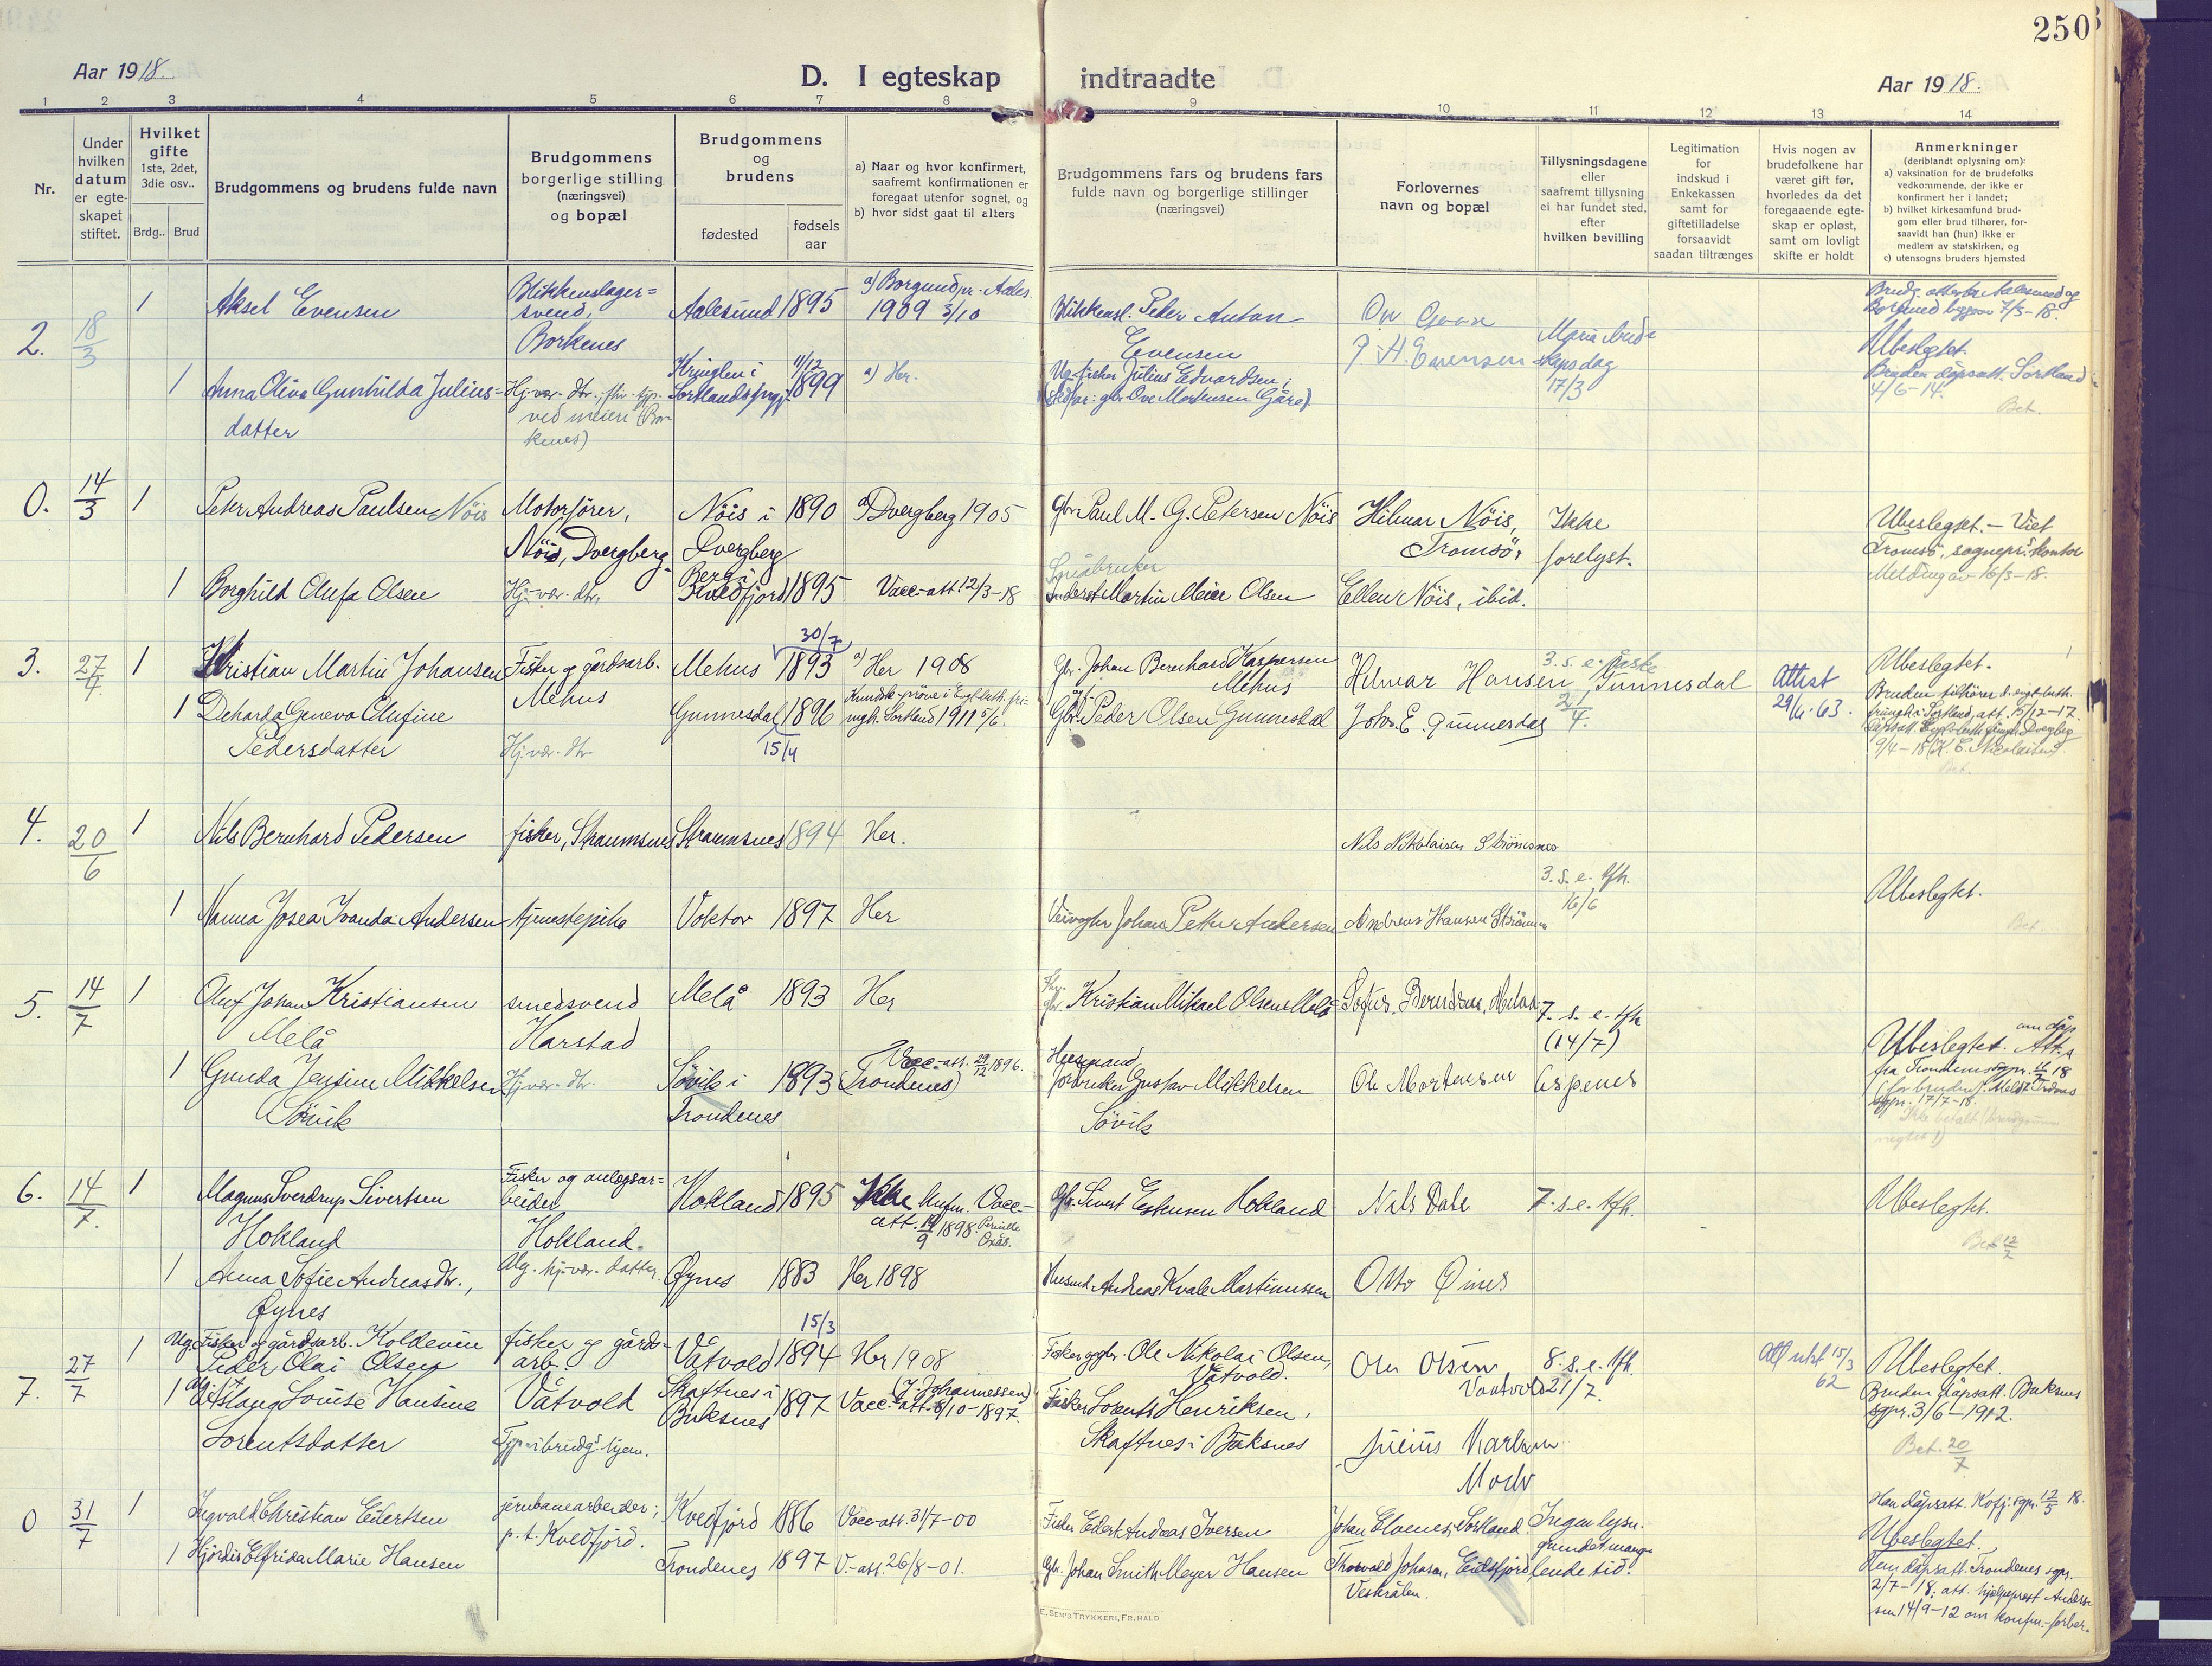 SATØ, Kvæfjord sokneprestkontor, G/Ga/Gaa/L0007kirke: Ministerialbok nr. 7, 1915-1931, s. 250